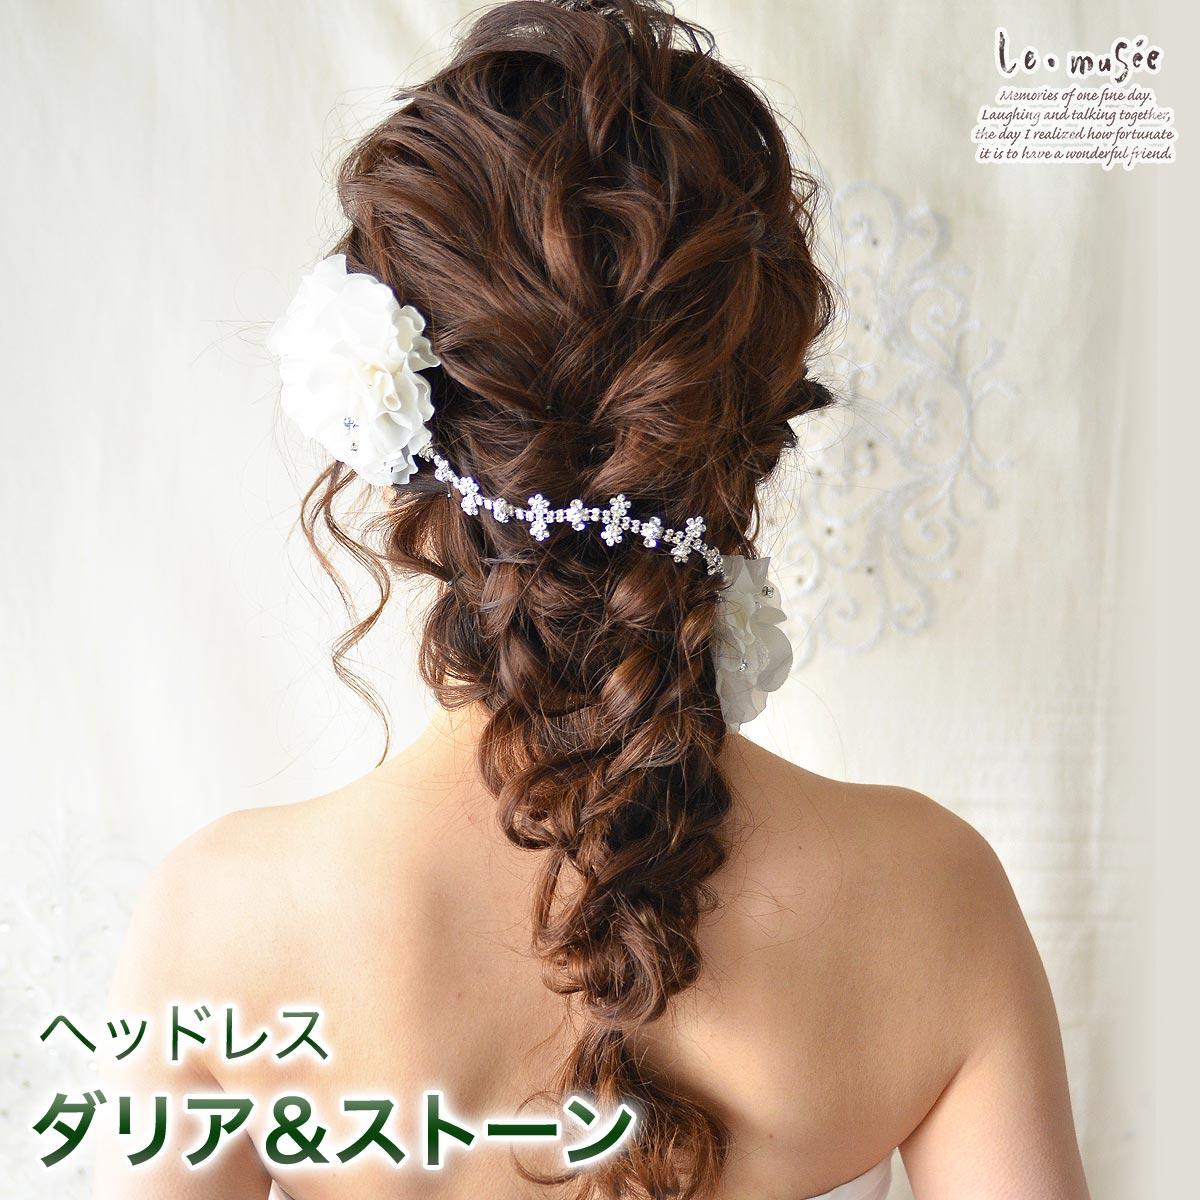 ヘッドドレス(髪飾り) 【ヘッドアクセサリー】 ダリア&ストーン